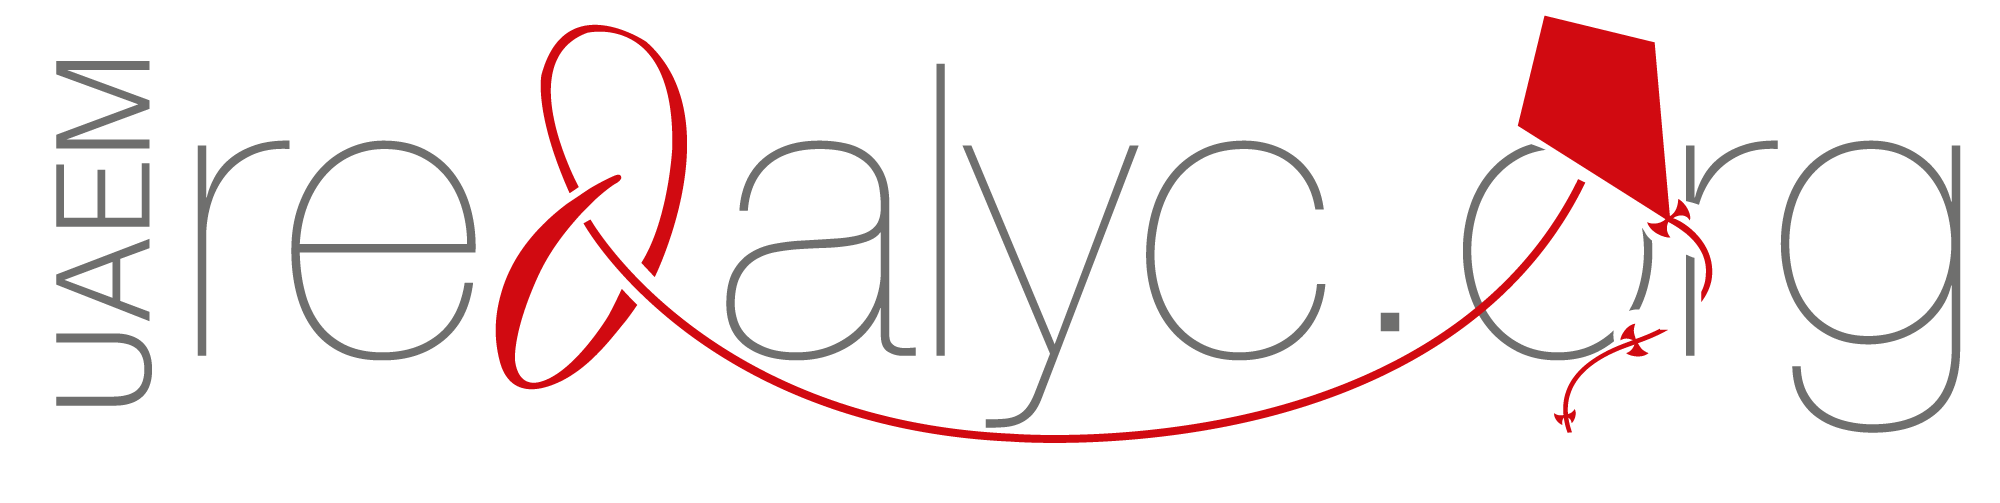 Archivo:Logo-redalyc-2019.png - Wikipedia, la enciclopedia libre